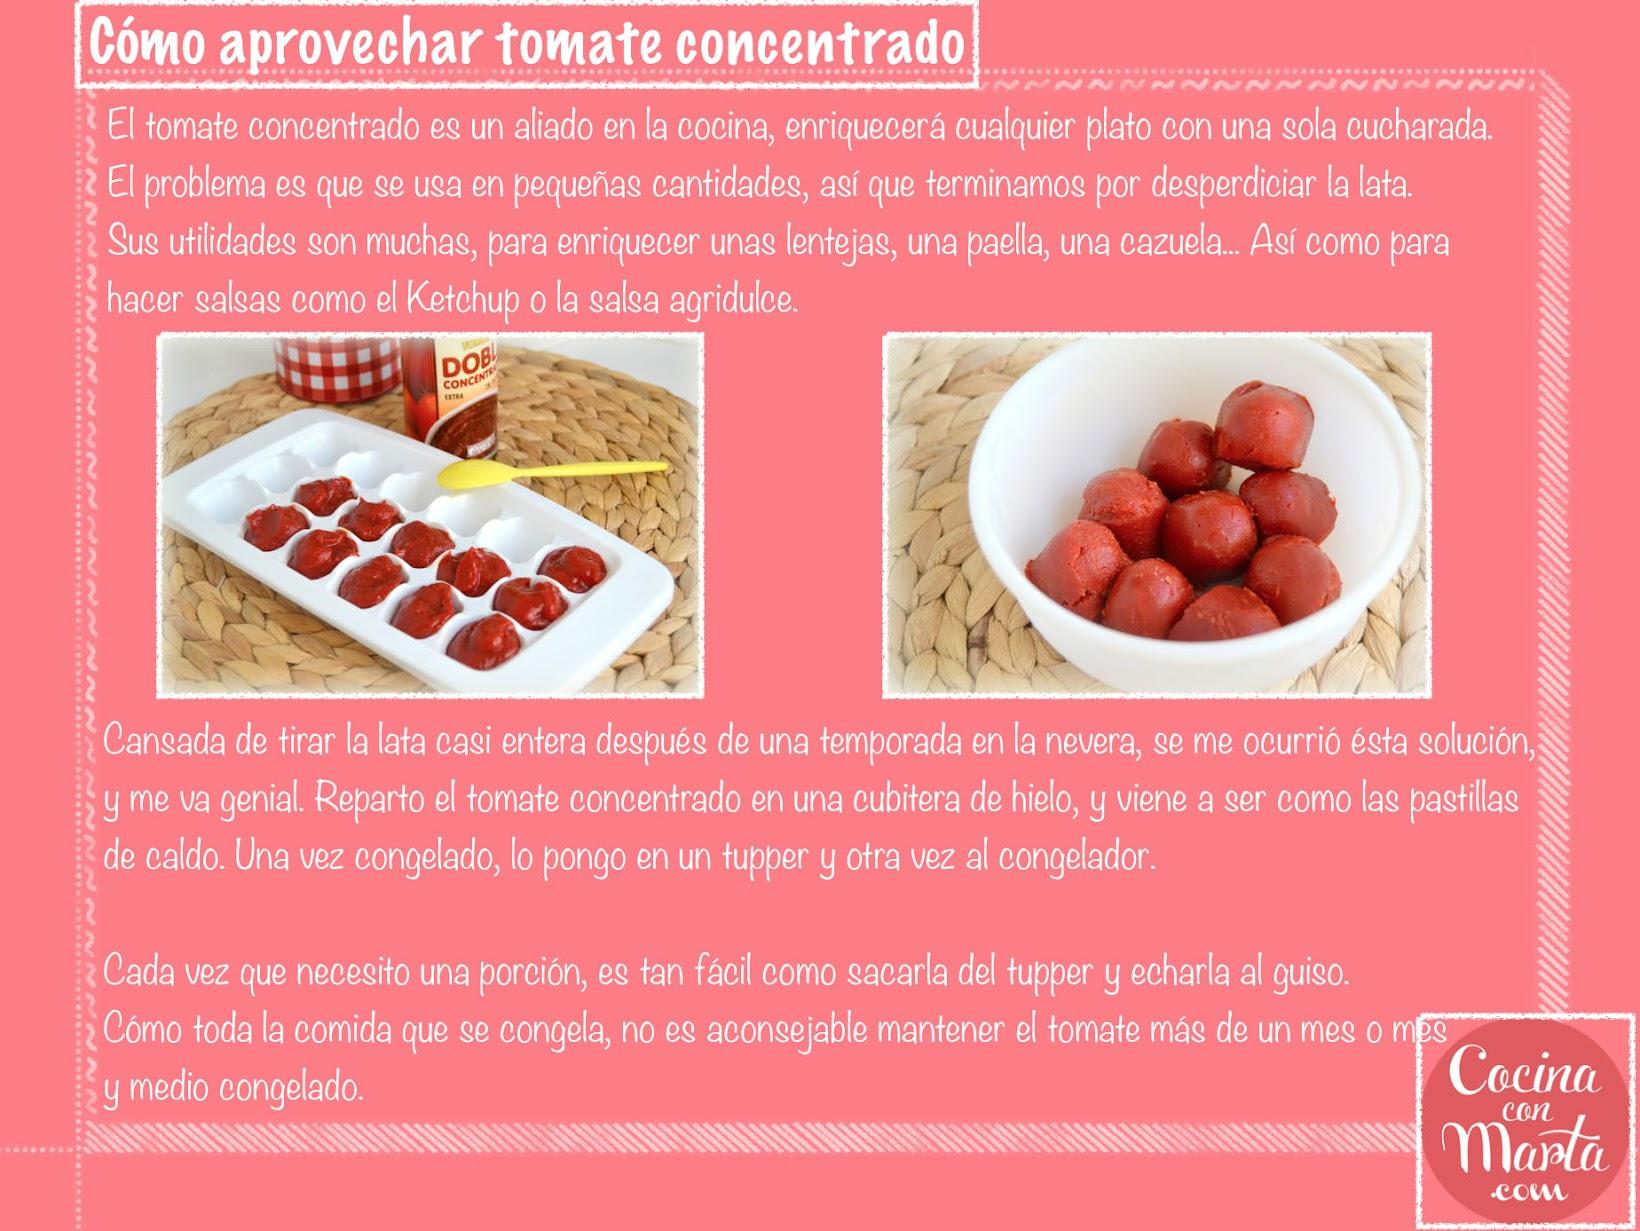 Trucos y consejos de cocina. Cómo aprovechar el tomate concentrado. Cocina con Marta